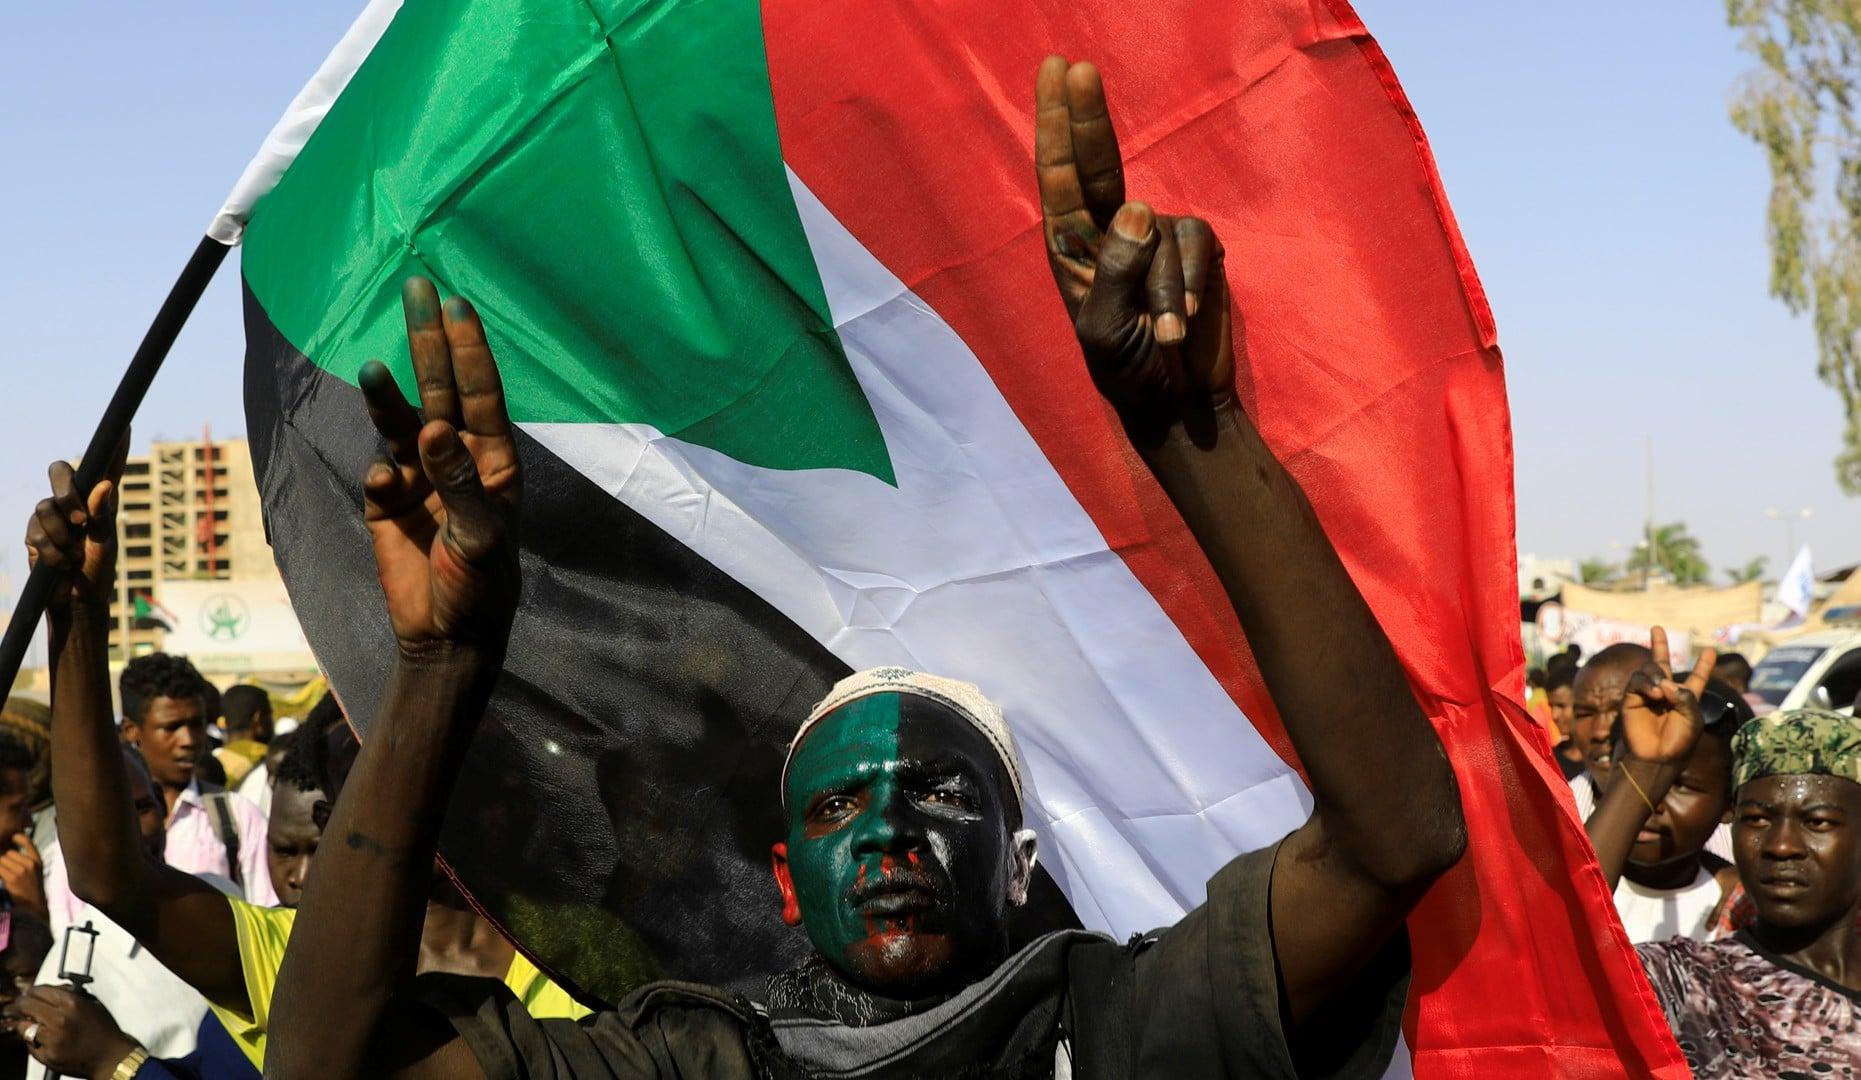 إسرائيل وأمريكا طلبتا من السودان مصادرة أموال حماس مقابل تعهدات بإنعاش اقتصاد الدولة